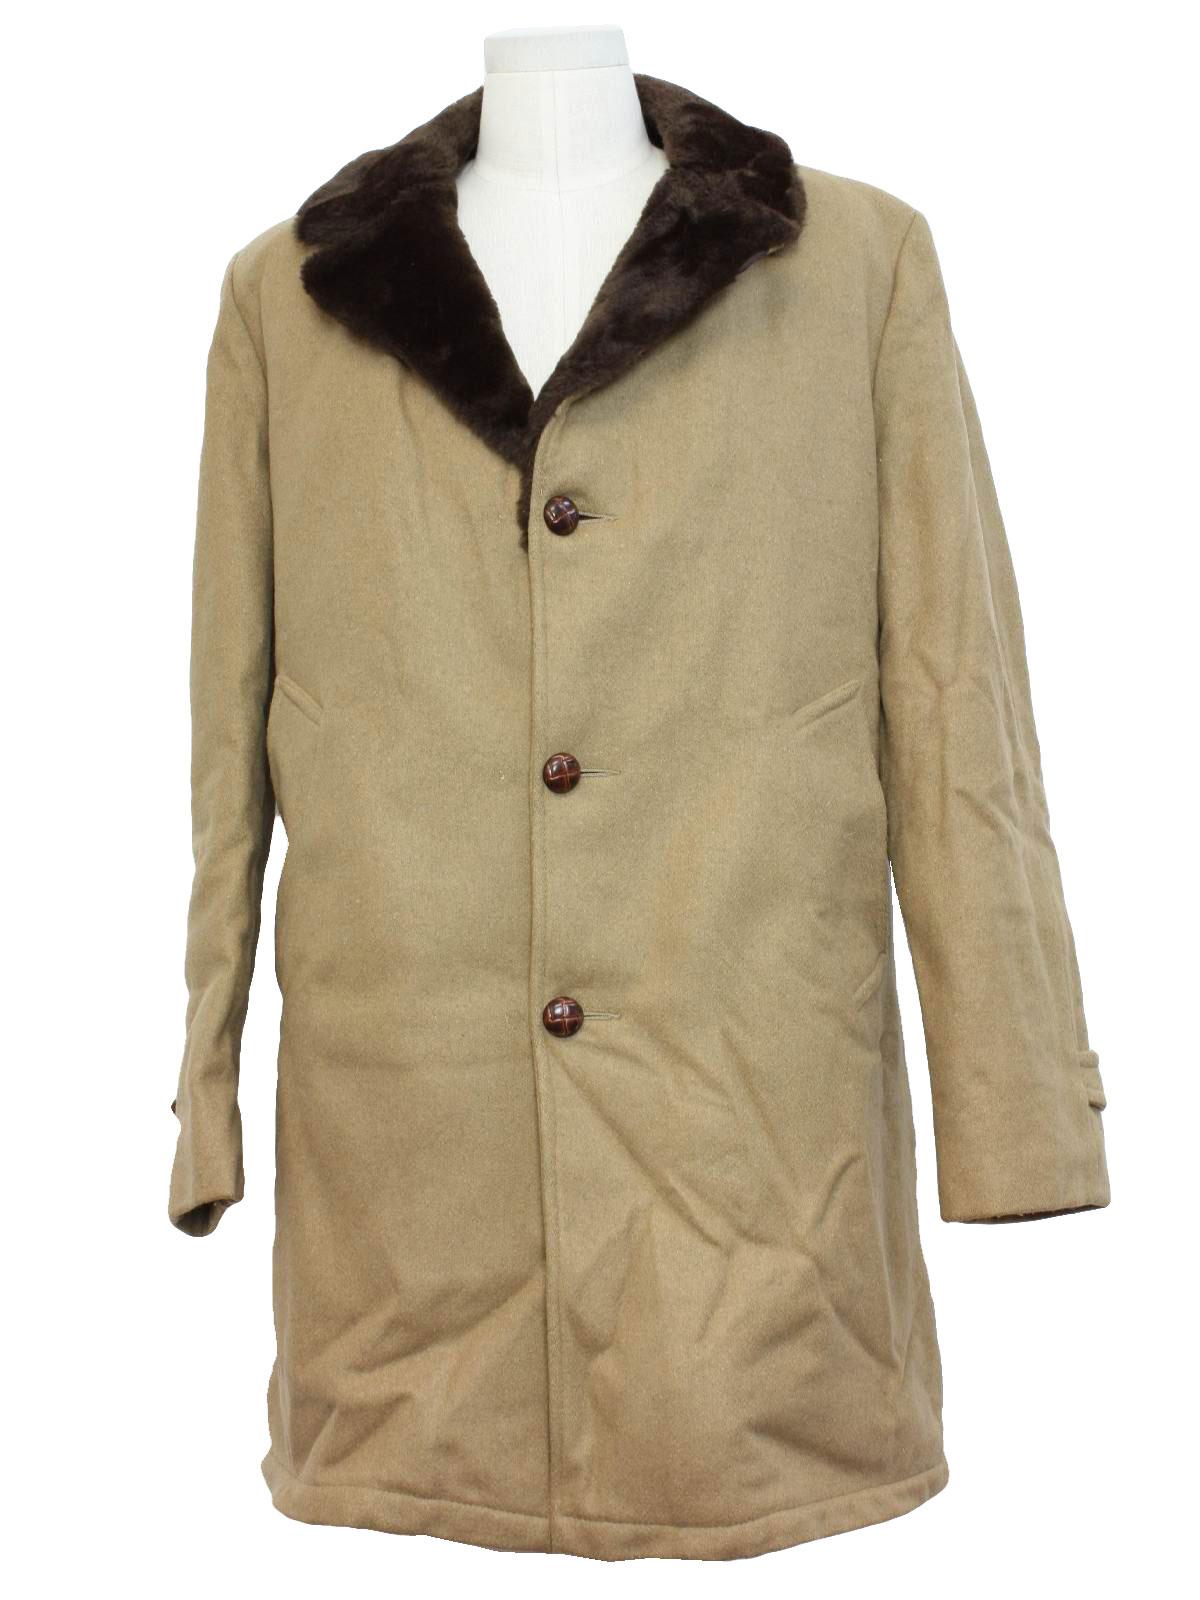 Vintage 1960's Jacket: 60s -Lakeland- Mens dark camel colored ...